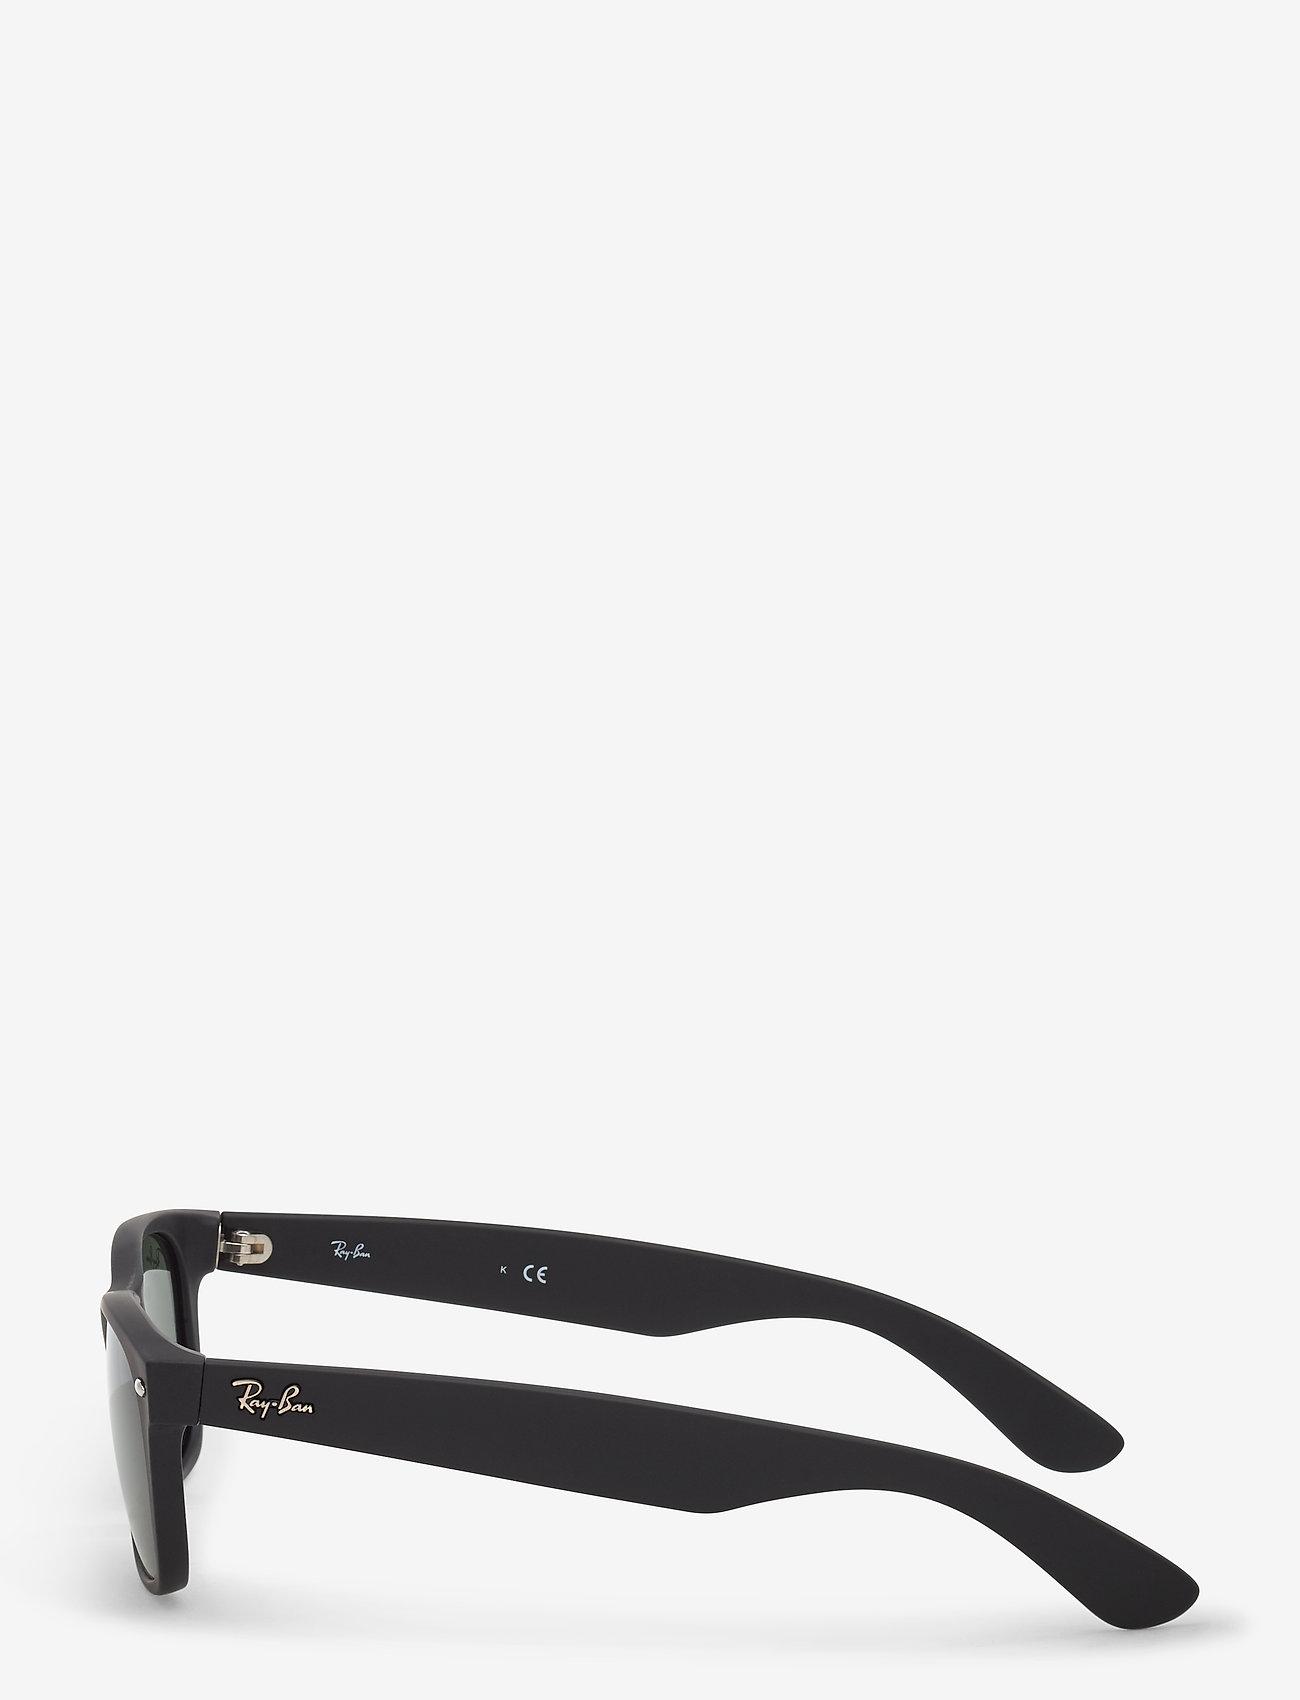 Ray-Ban NEW WAYFARER - Okulary przeciwsłoneczne BLACK RUBBER - Akcesoria